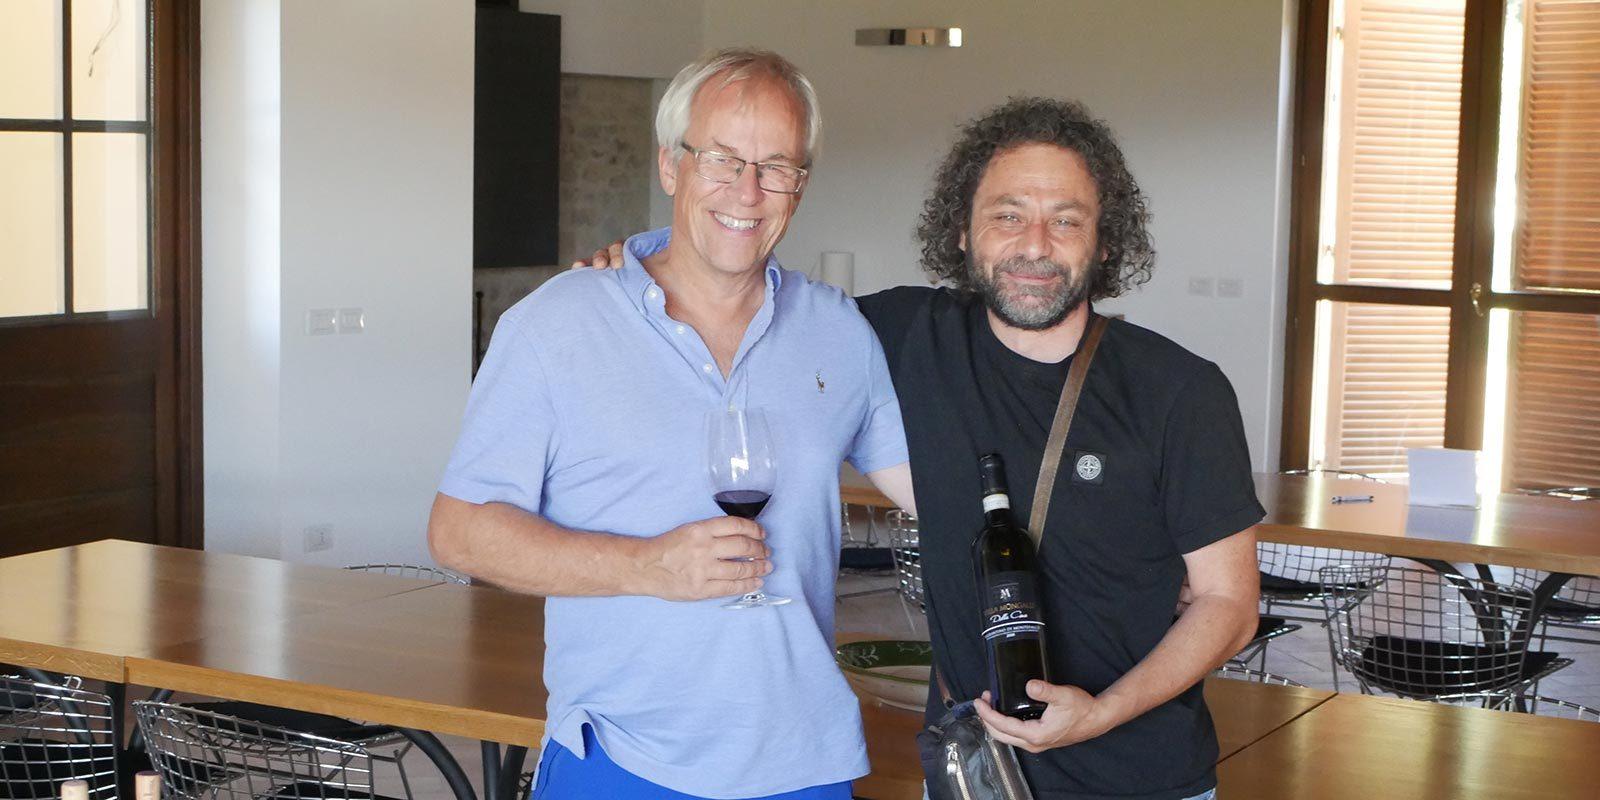 Meet The Wine-Maker